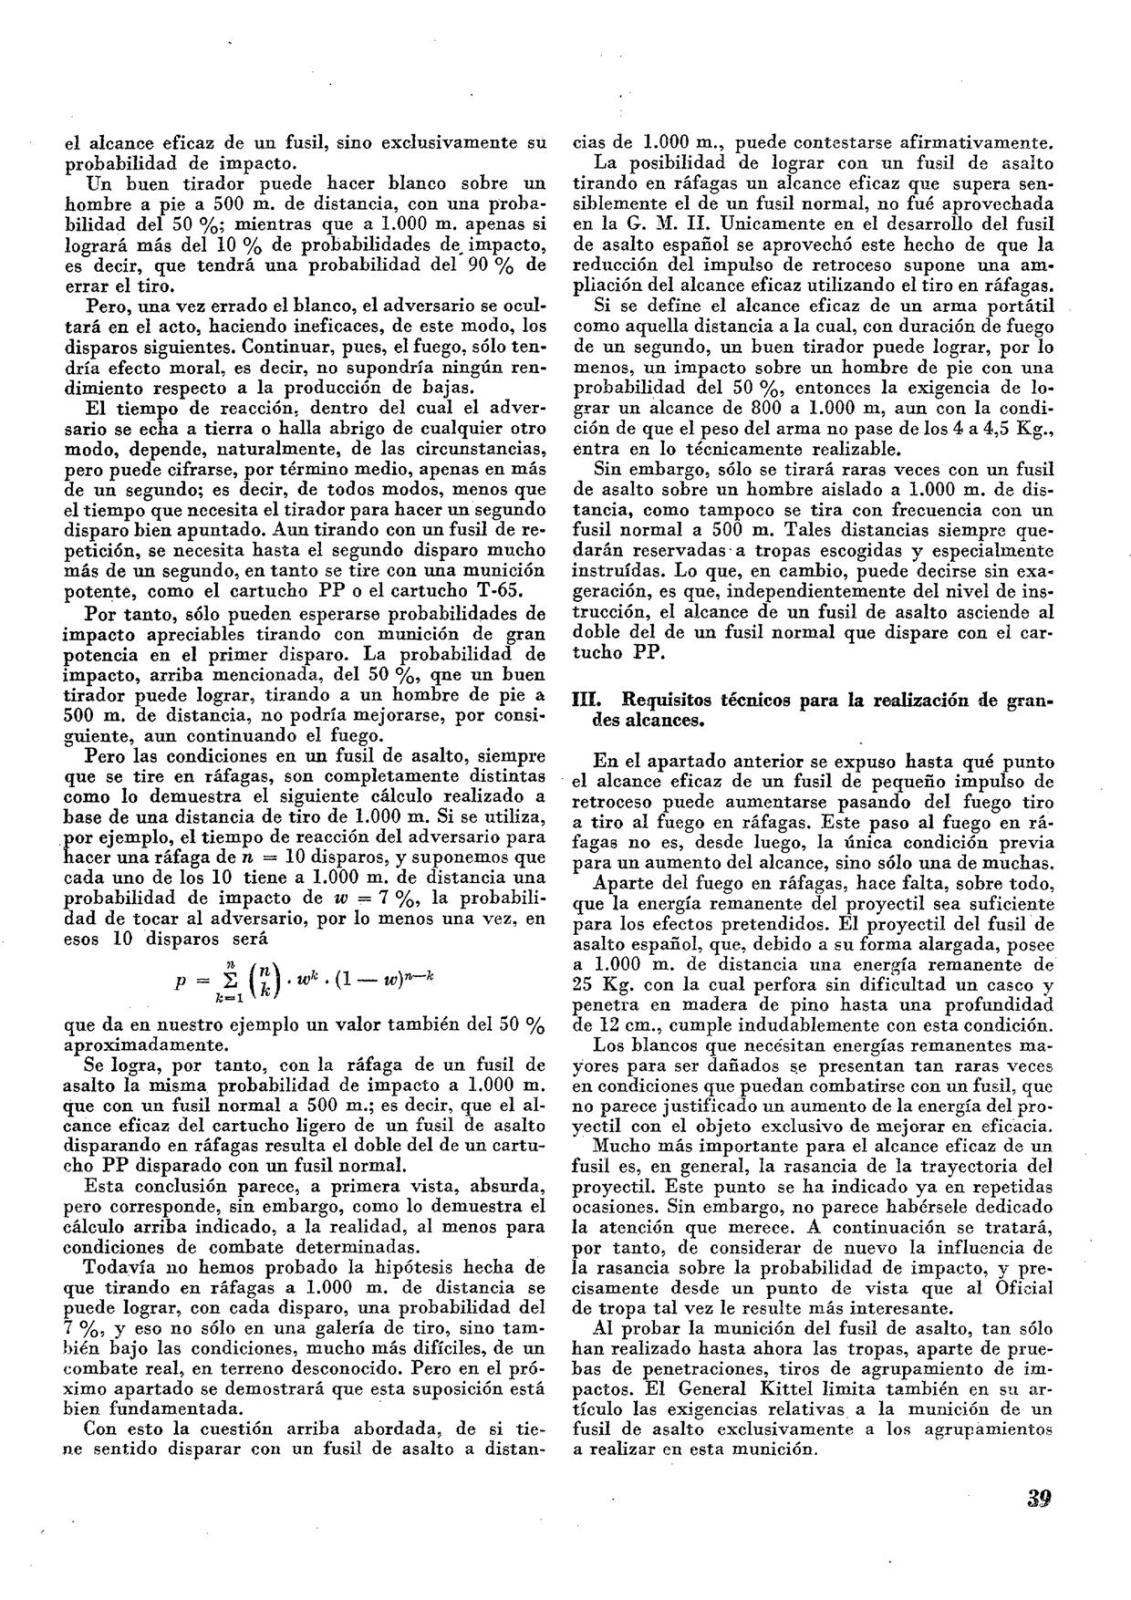 interesante articulo de GÜNTER VOSS 2rfqb1c